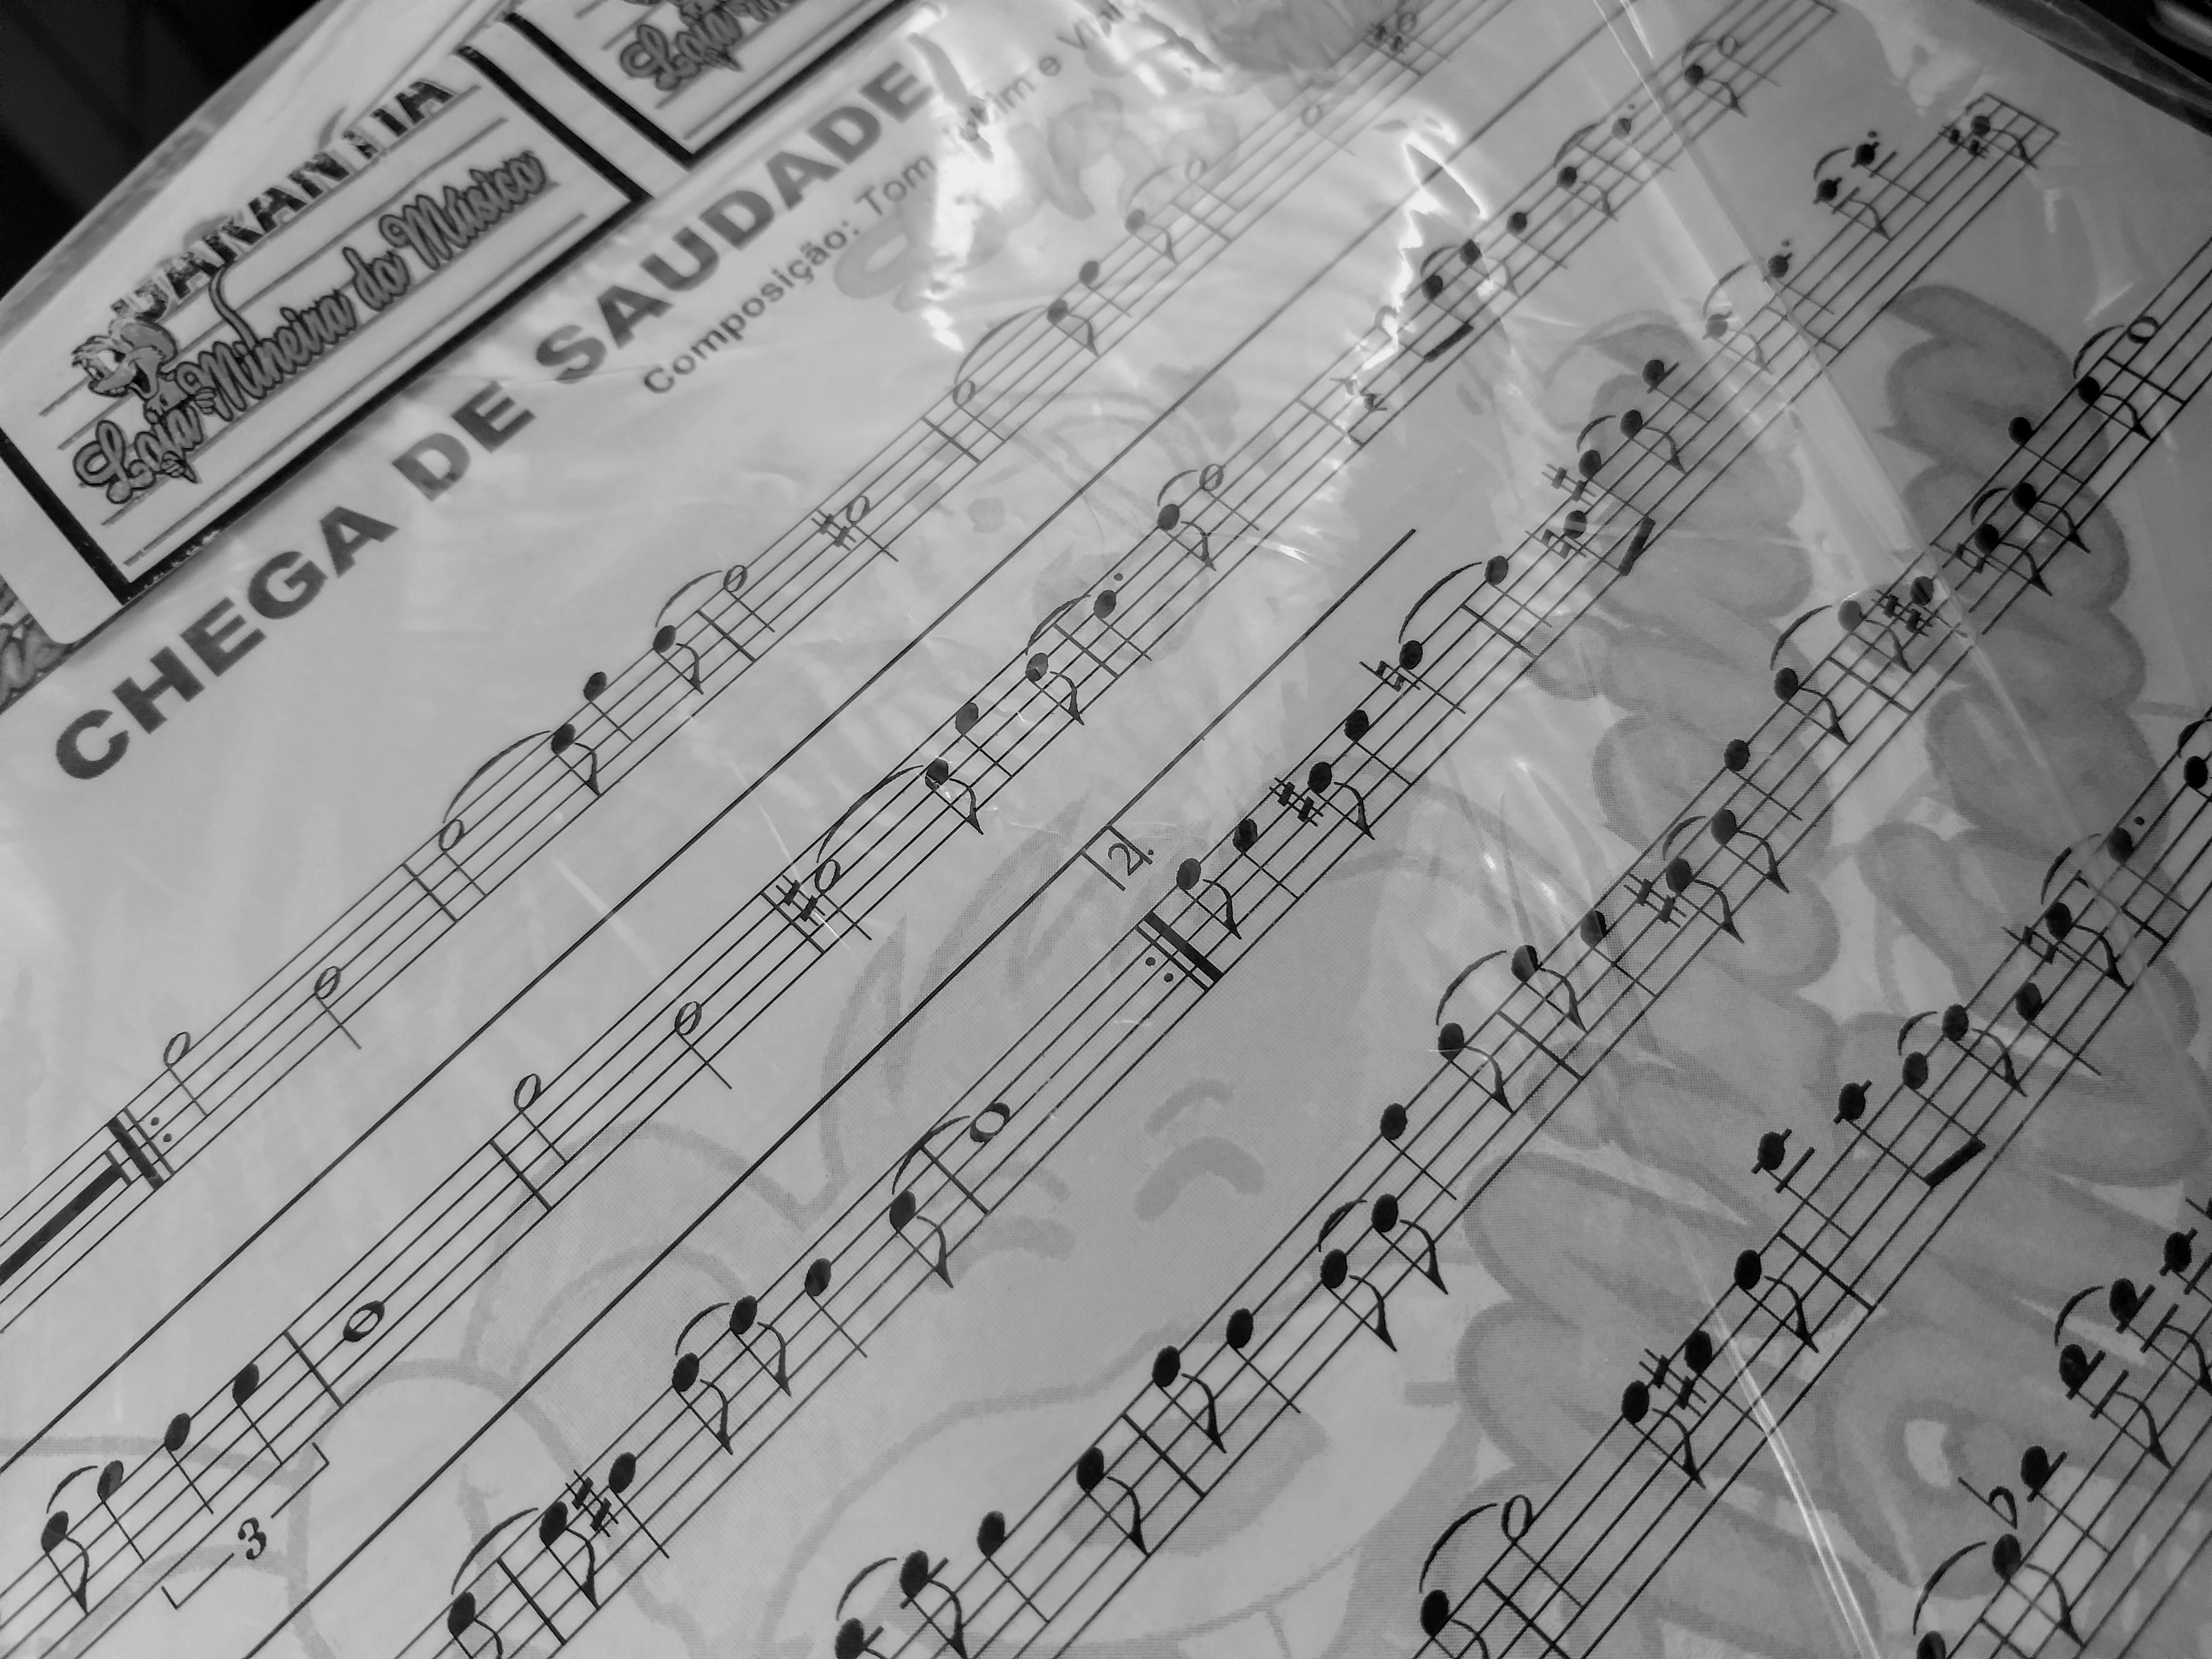 partitura de bossa nova para sax tenor soprano trompete clarinete